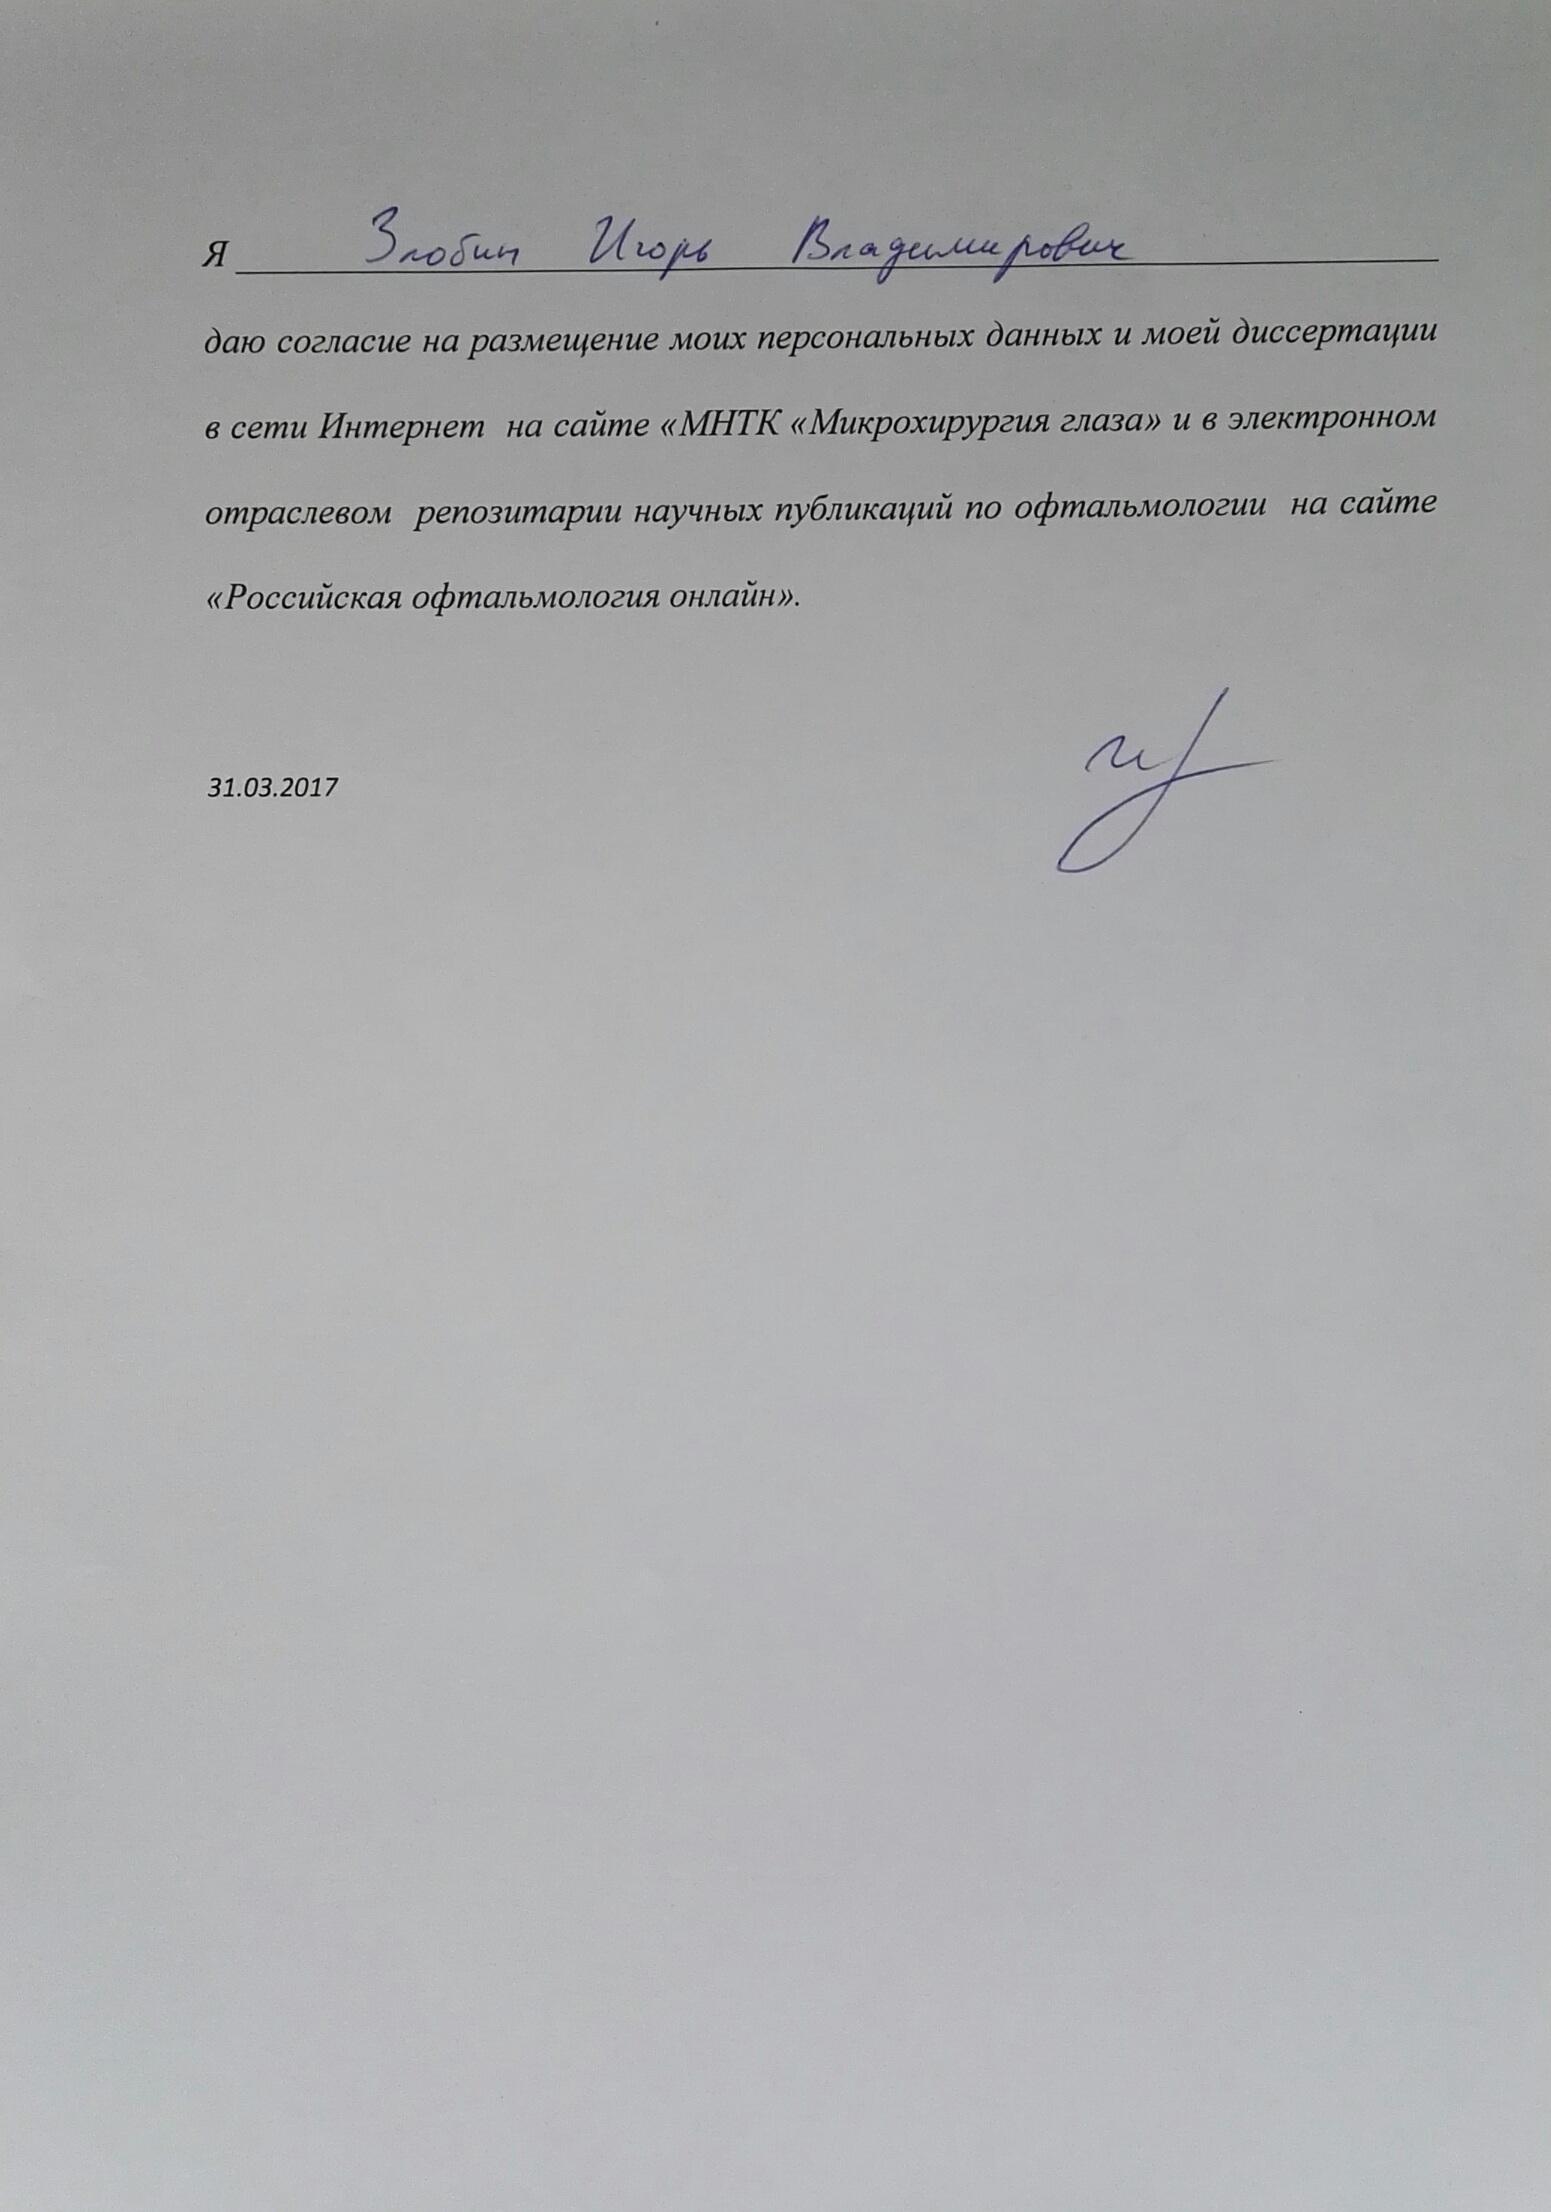 Злобин Игорь Владимирович Согласие на размещение персональных данных и диссертации в сети интернет